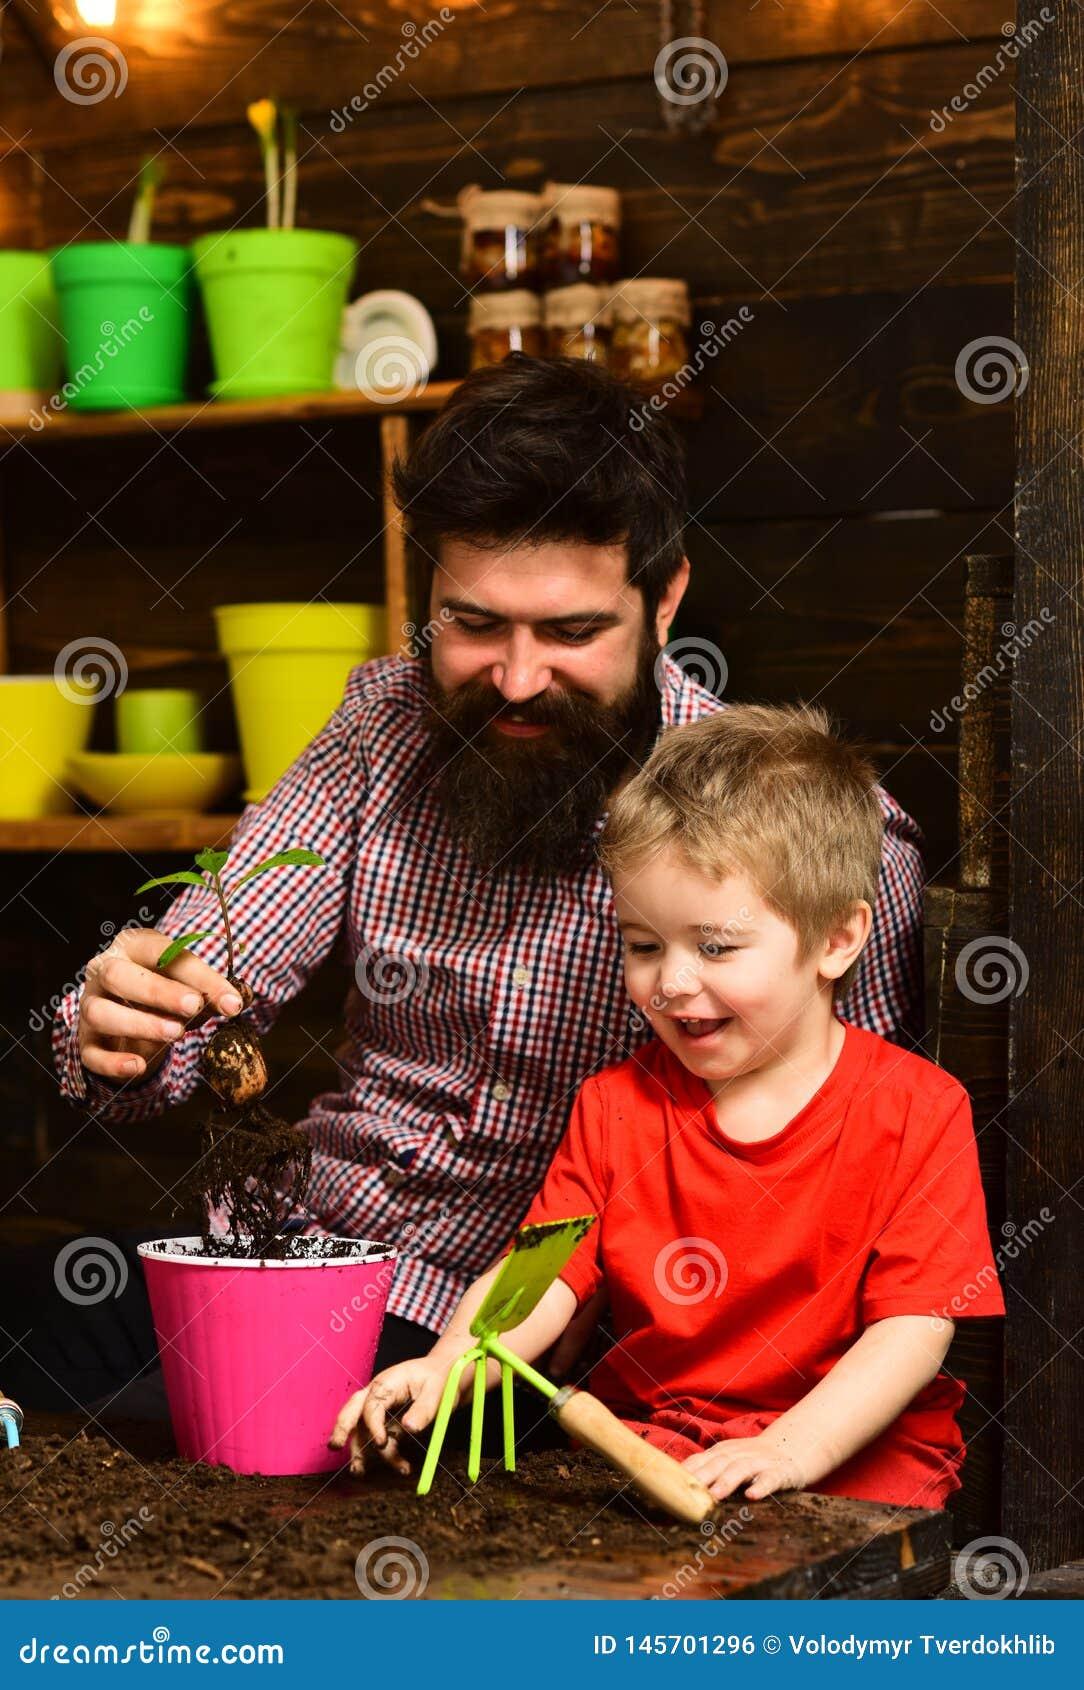 Ojciec i syn Rodzinny dzie? charcica Brodata m??czyzny i ch?opiec dziecka mi?o?ci natura szcz??liwe ogrodniczki z wiosn?